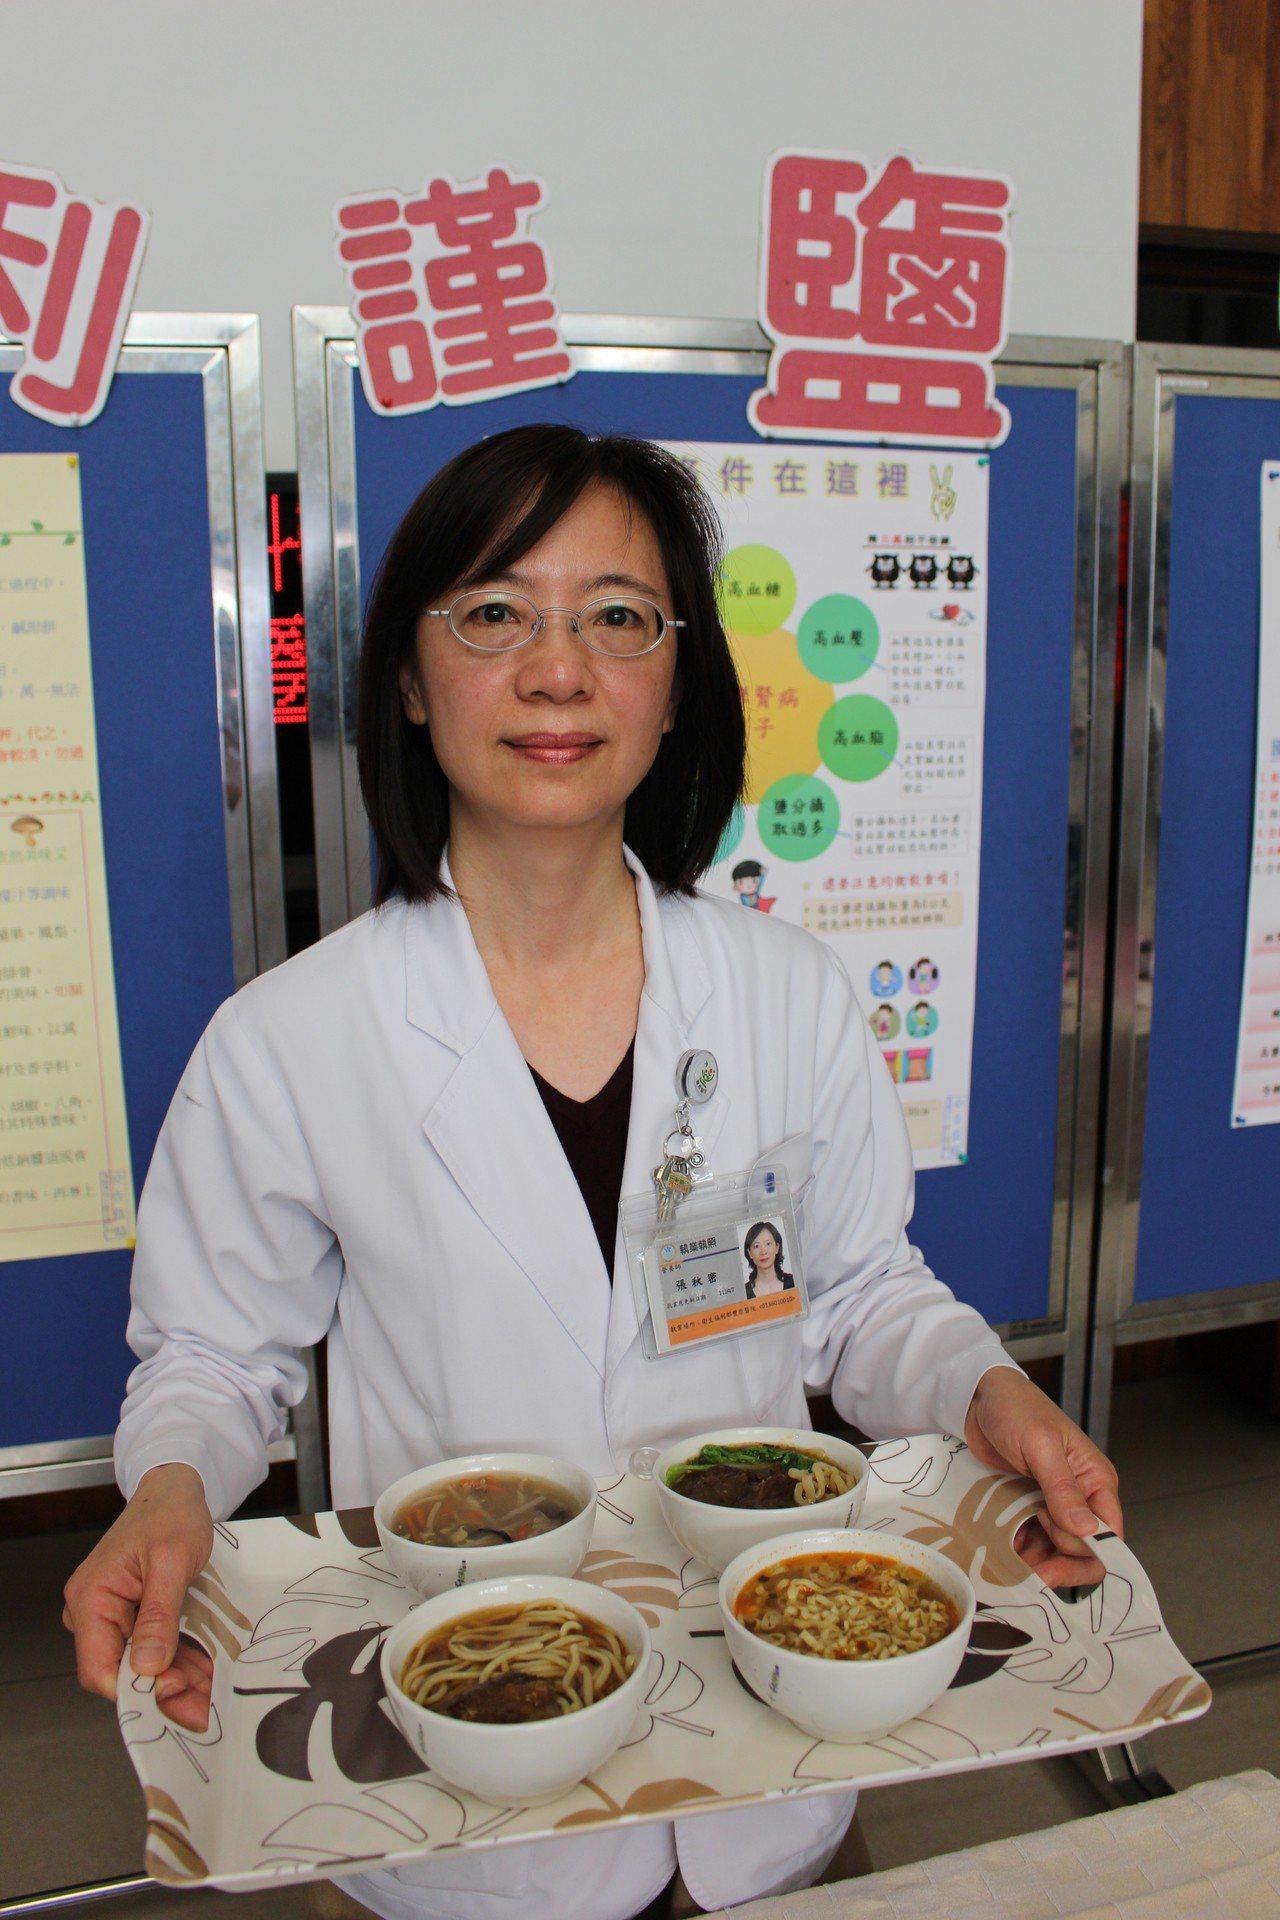 湯裡隱藏「高鹽」陷阱,尤其是牛肉湯、排骨酥湯、酸辣湯和泡麵這4款湯的含鹽量最高。...